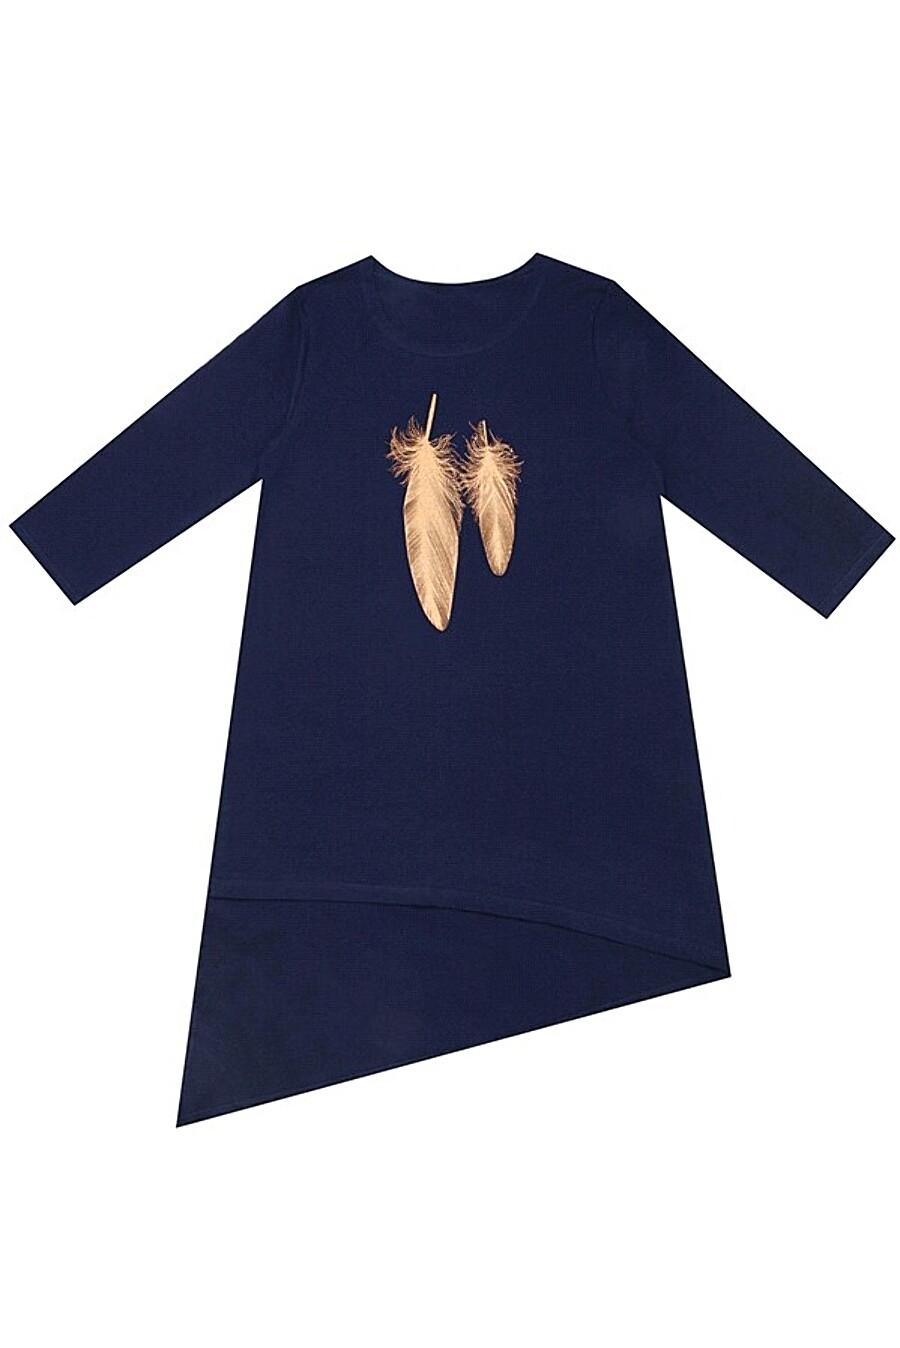 Туника для женщин Archi 239029 купить оптом от производителя. Совместная покупка женской одежды в OptMoyo